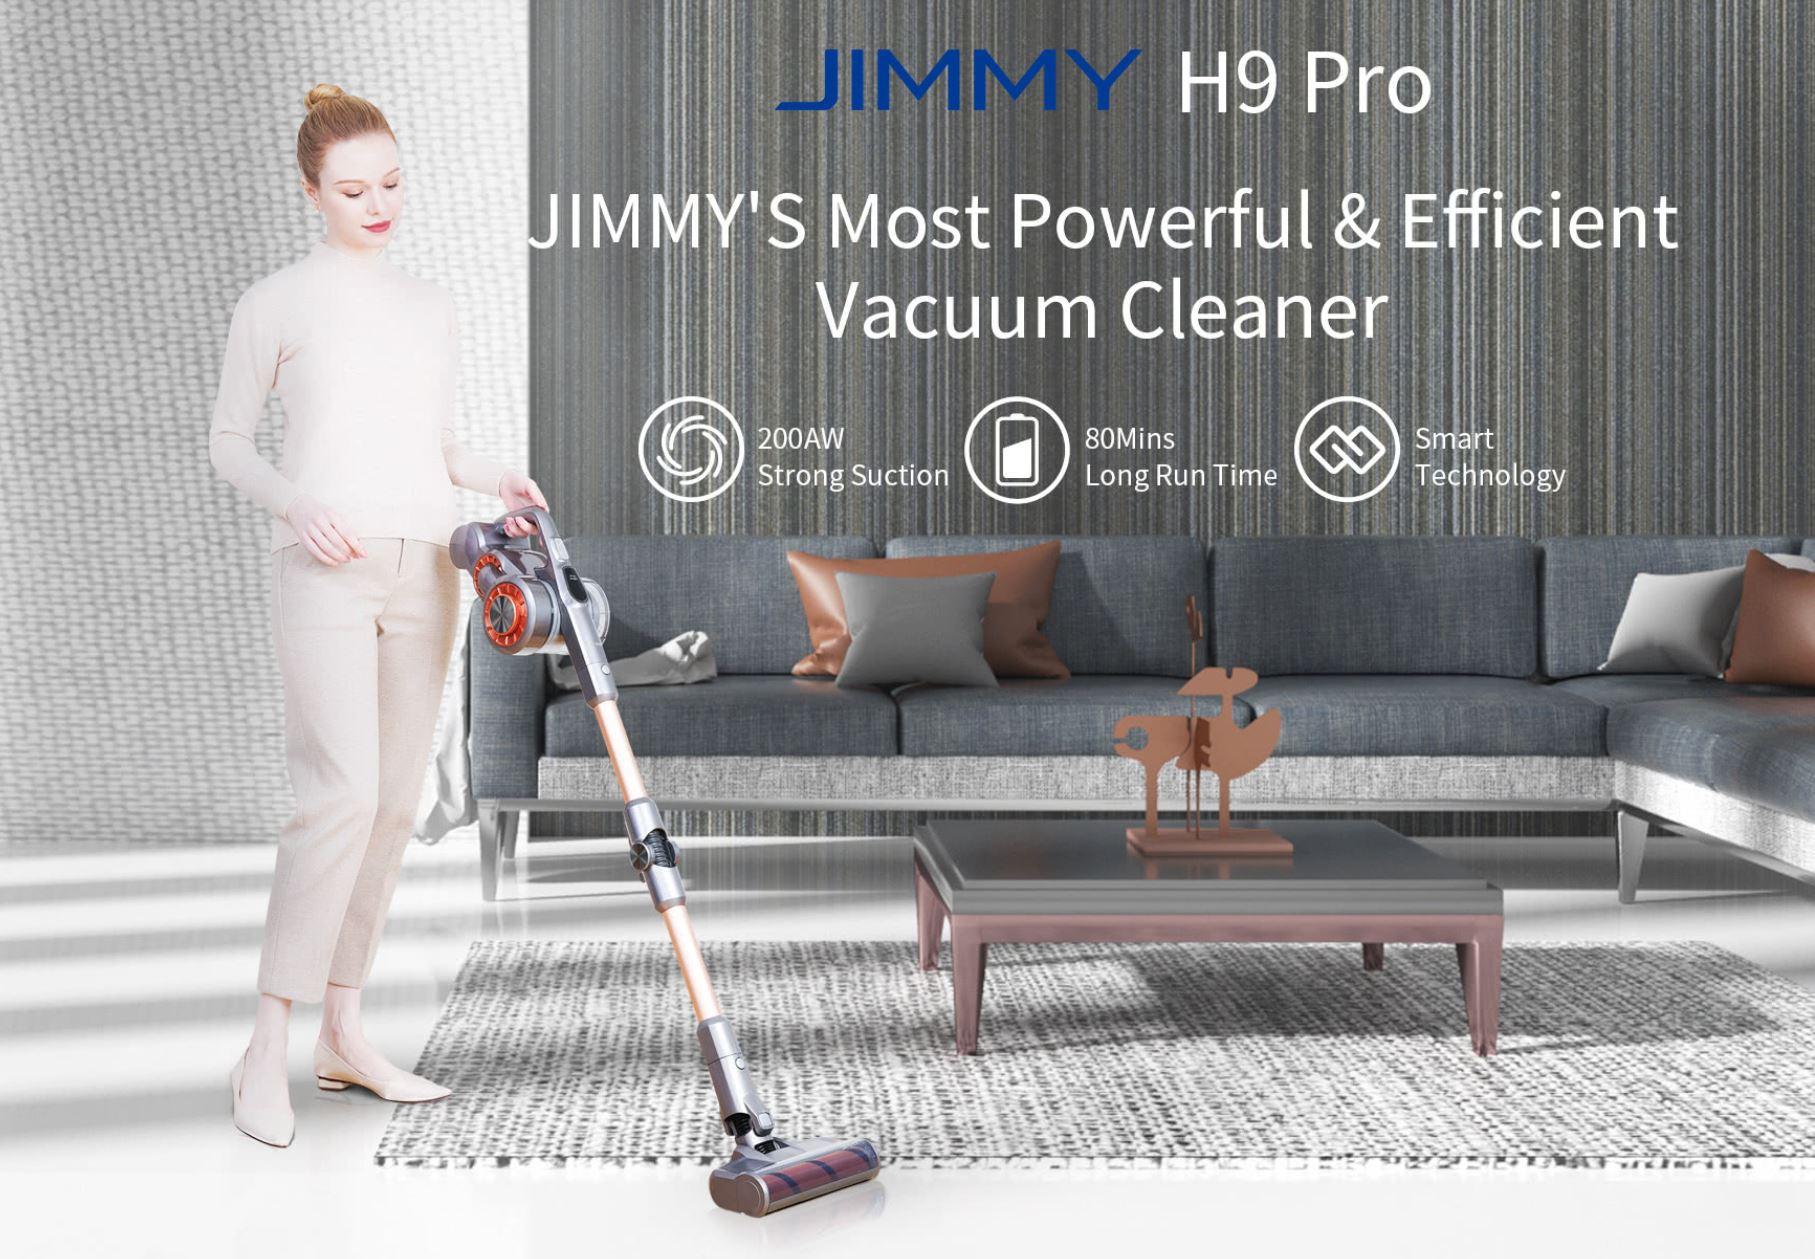 Promocja nowej serii odkurzaczy Jimmy w geekbuying.com - Jimmy H9 Pro